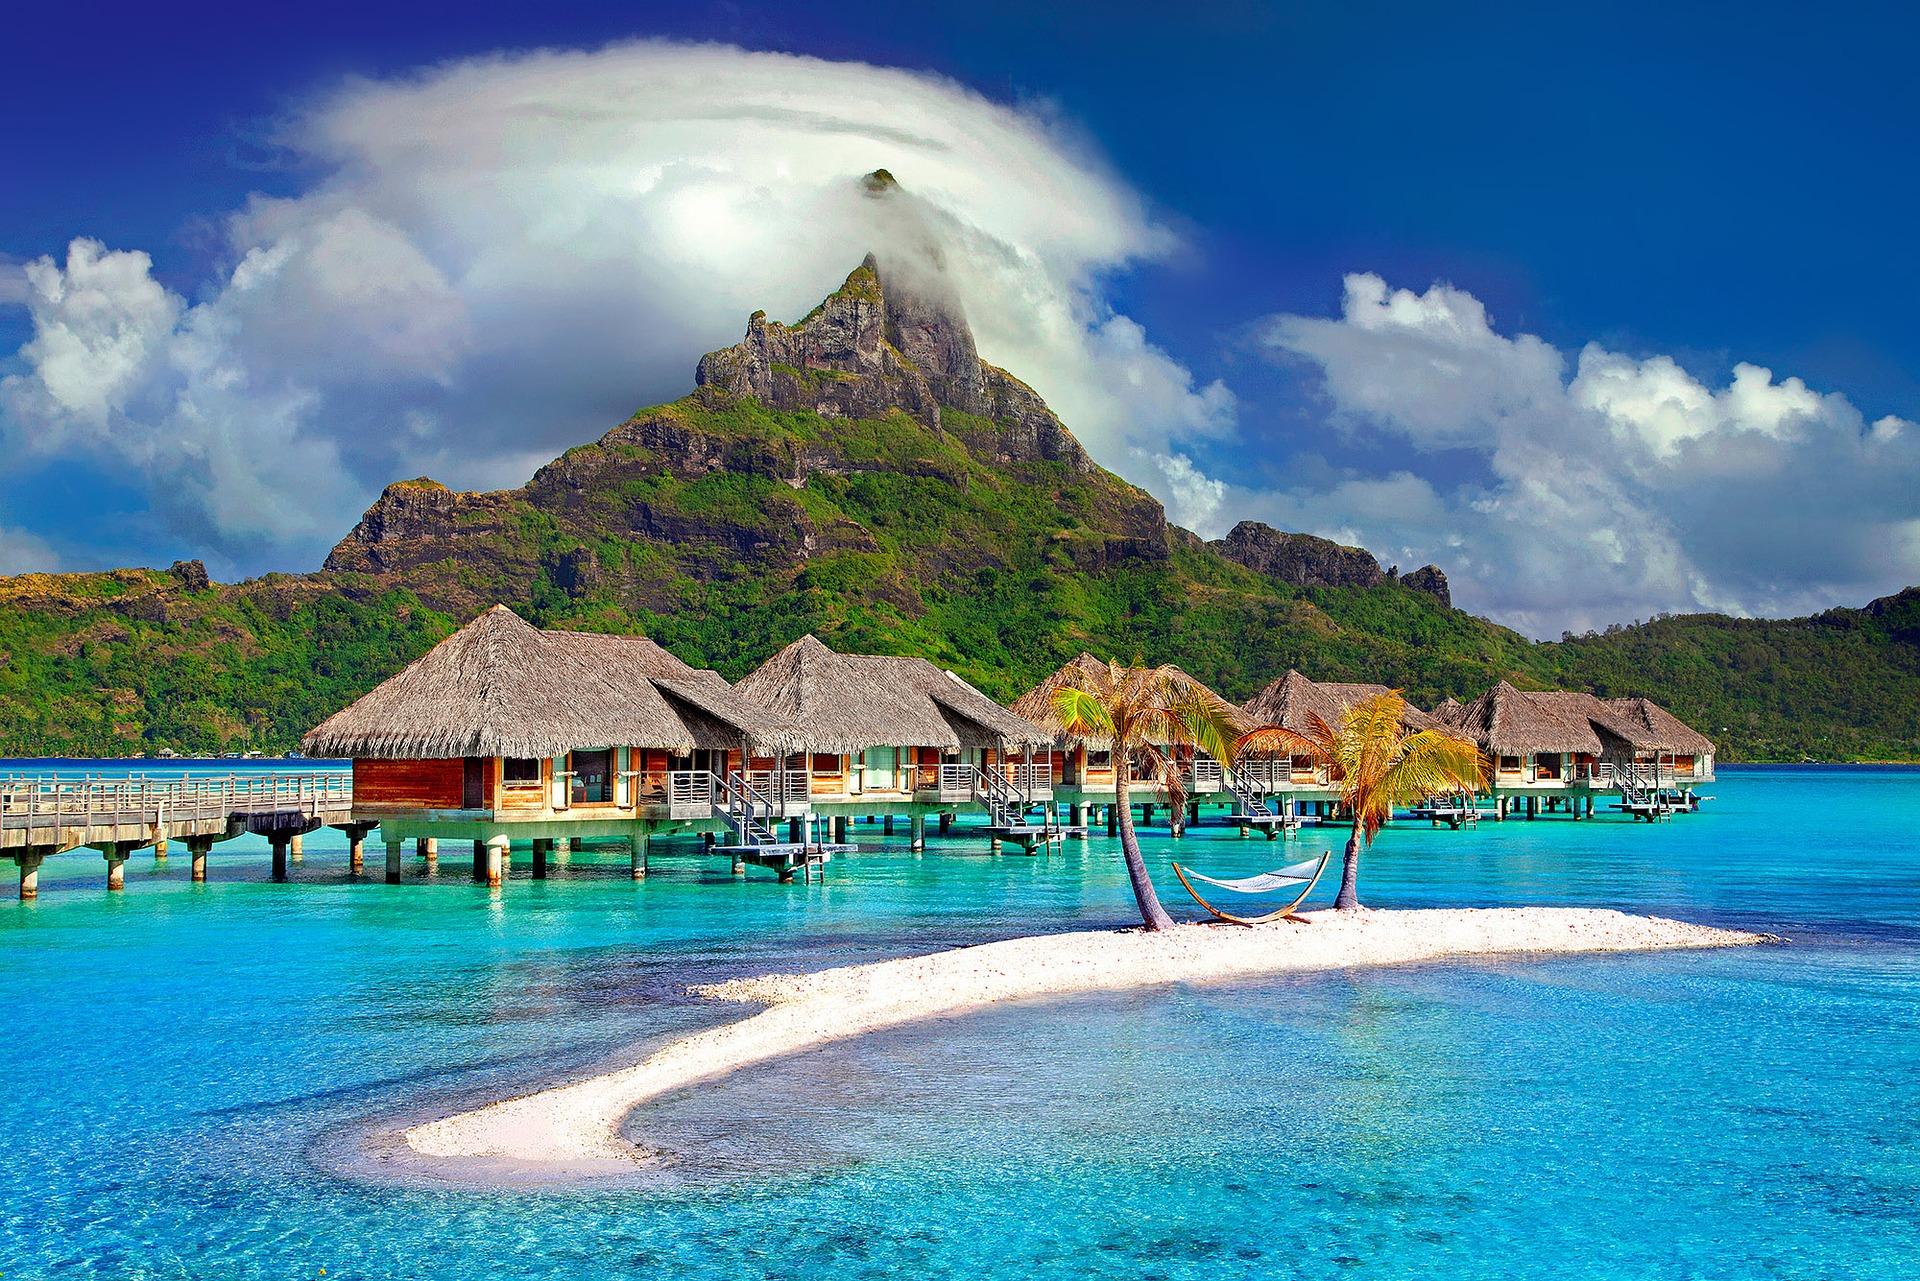 Bora Bora Reisezeit & Hotels im Südsee Atoll - beliebtese Insel im Südpazifik